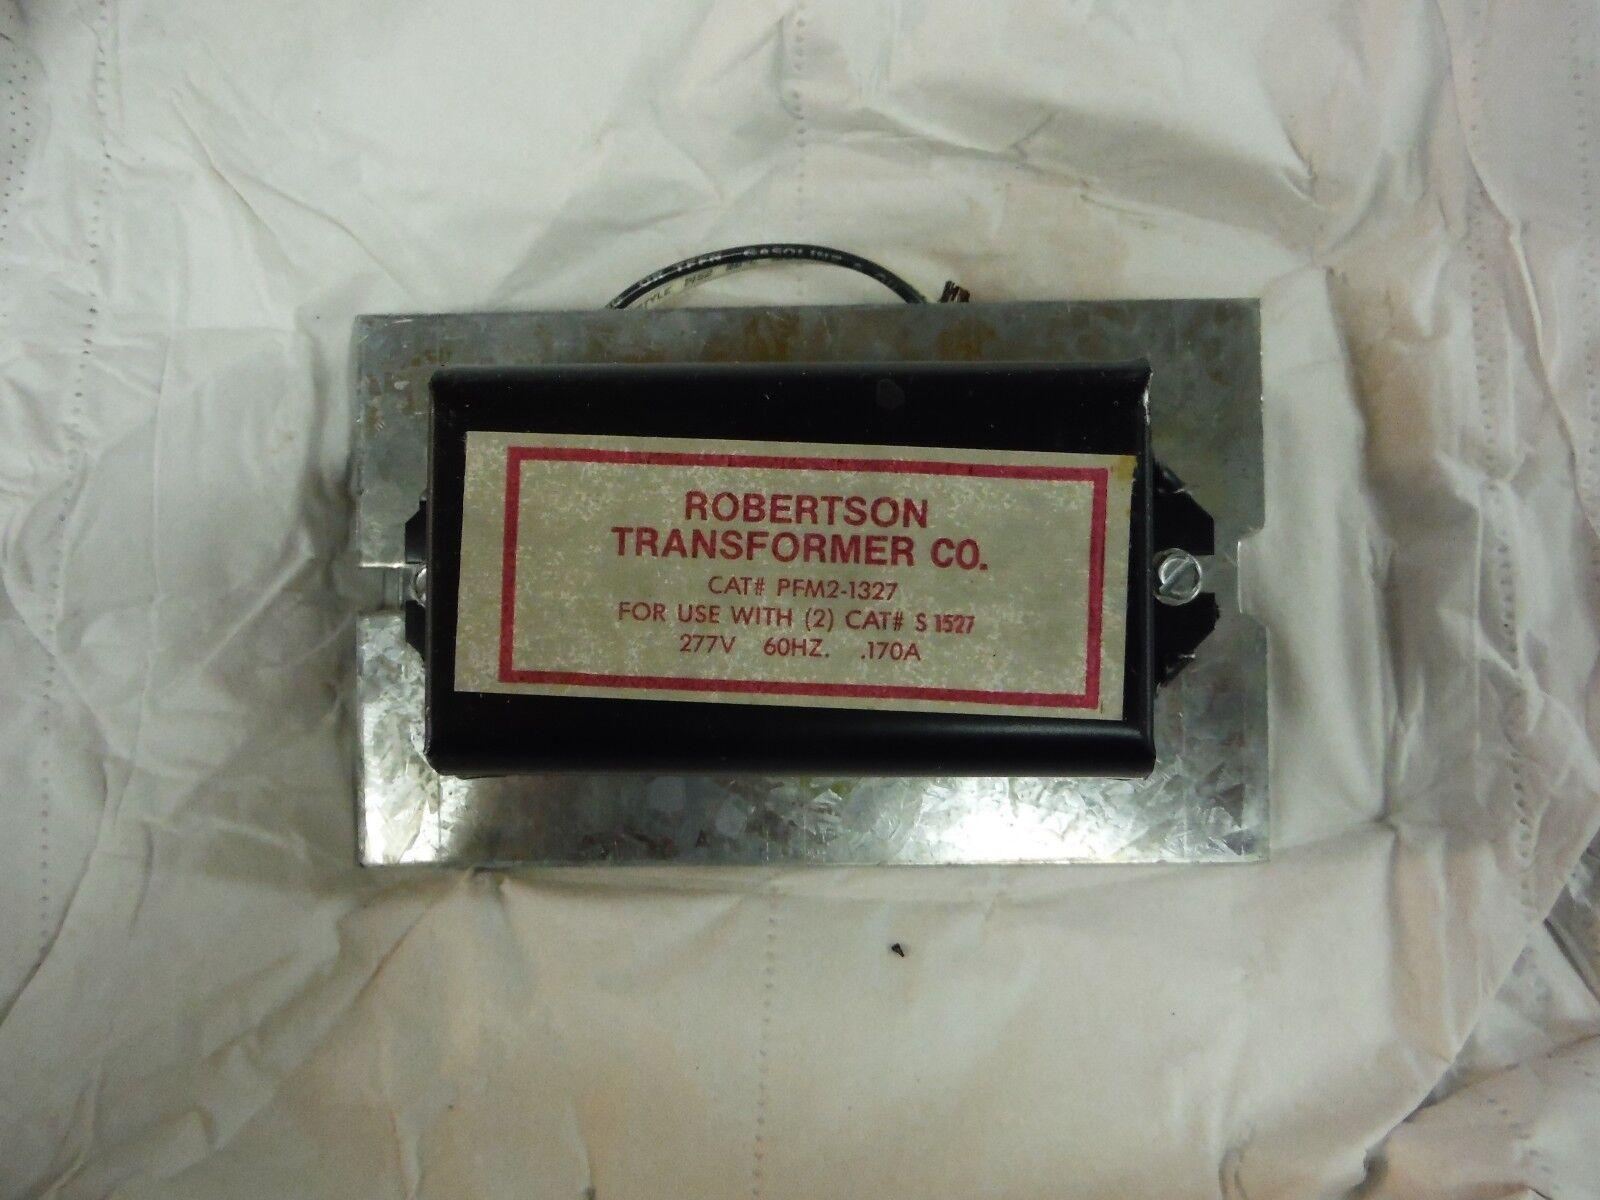 100 Widerstand 30,1Ohm MF0207 Metallfilm resistors 30,1R 0,6W TK50 1/% 032685